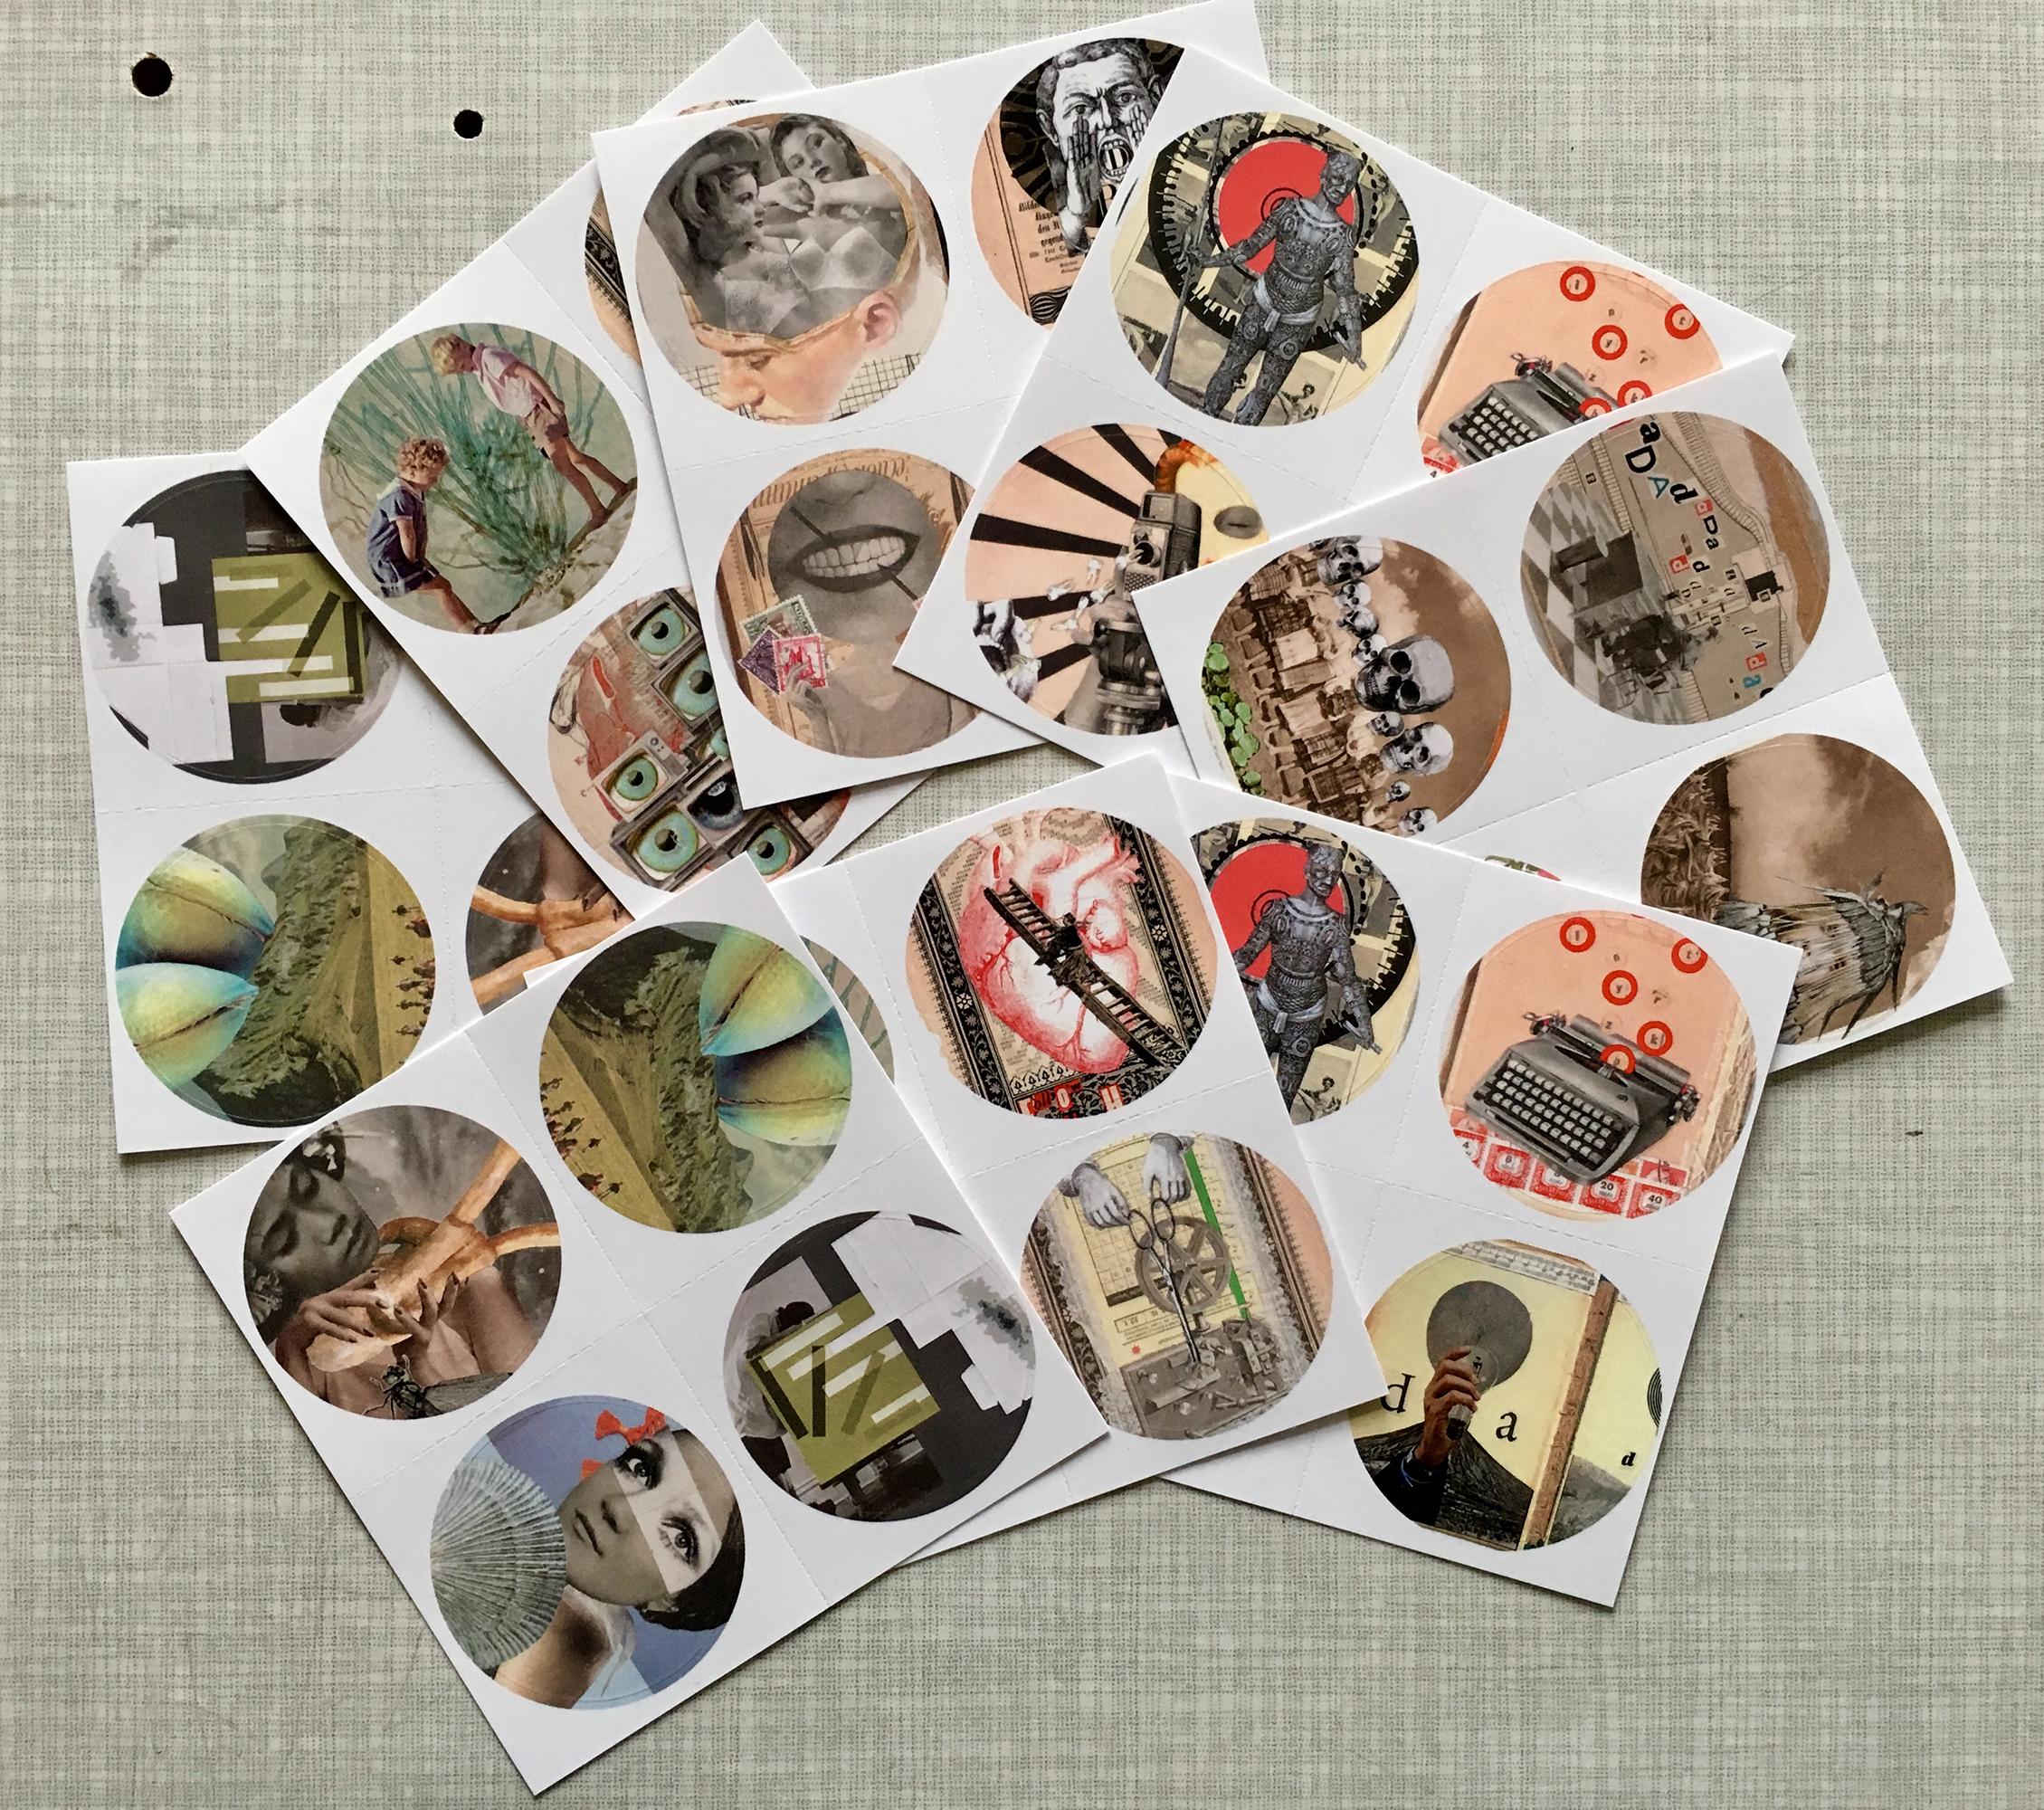 Sabine Remy Miriskum Collage Collage Blog Collage Art